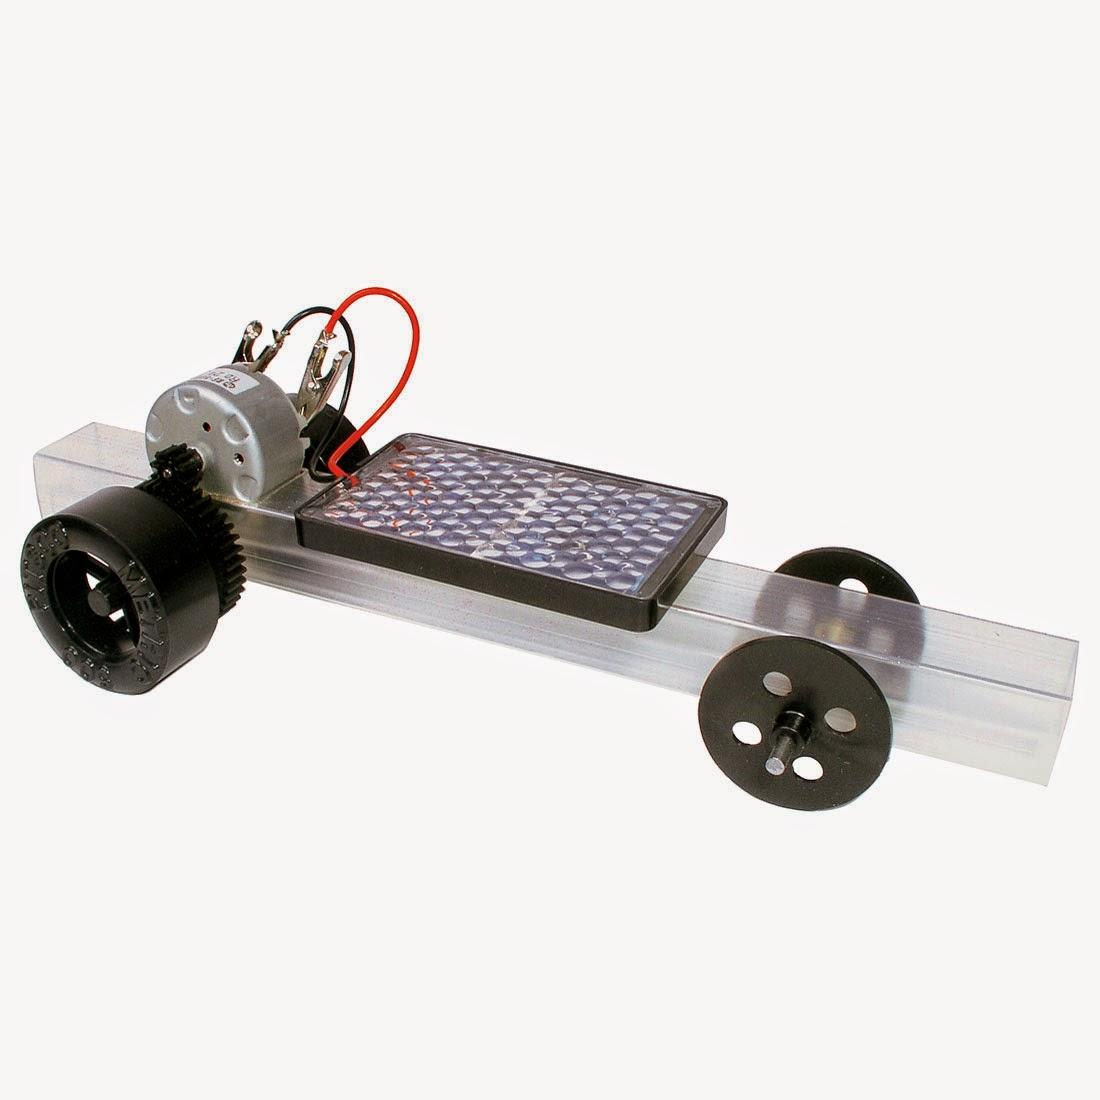 Into to Tech & Design: Solar car Homemade Solar Car Designs on homemade robotic arm designs, solar panel car designs, homemade wind turbine designs,